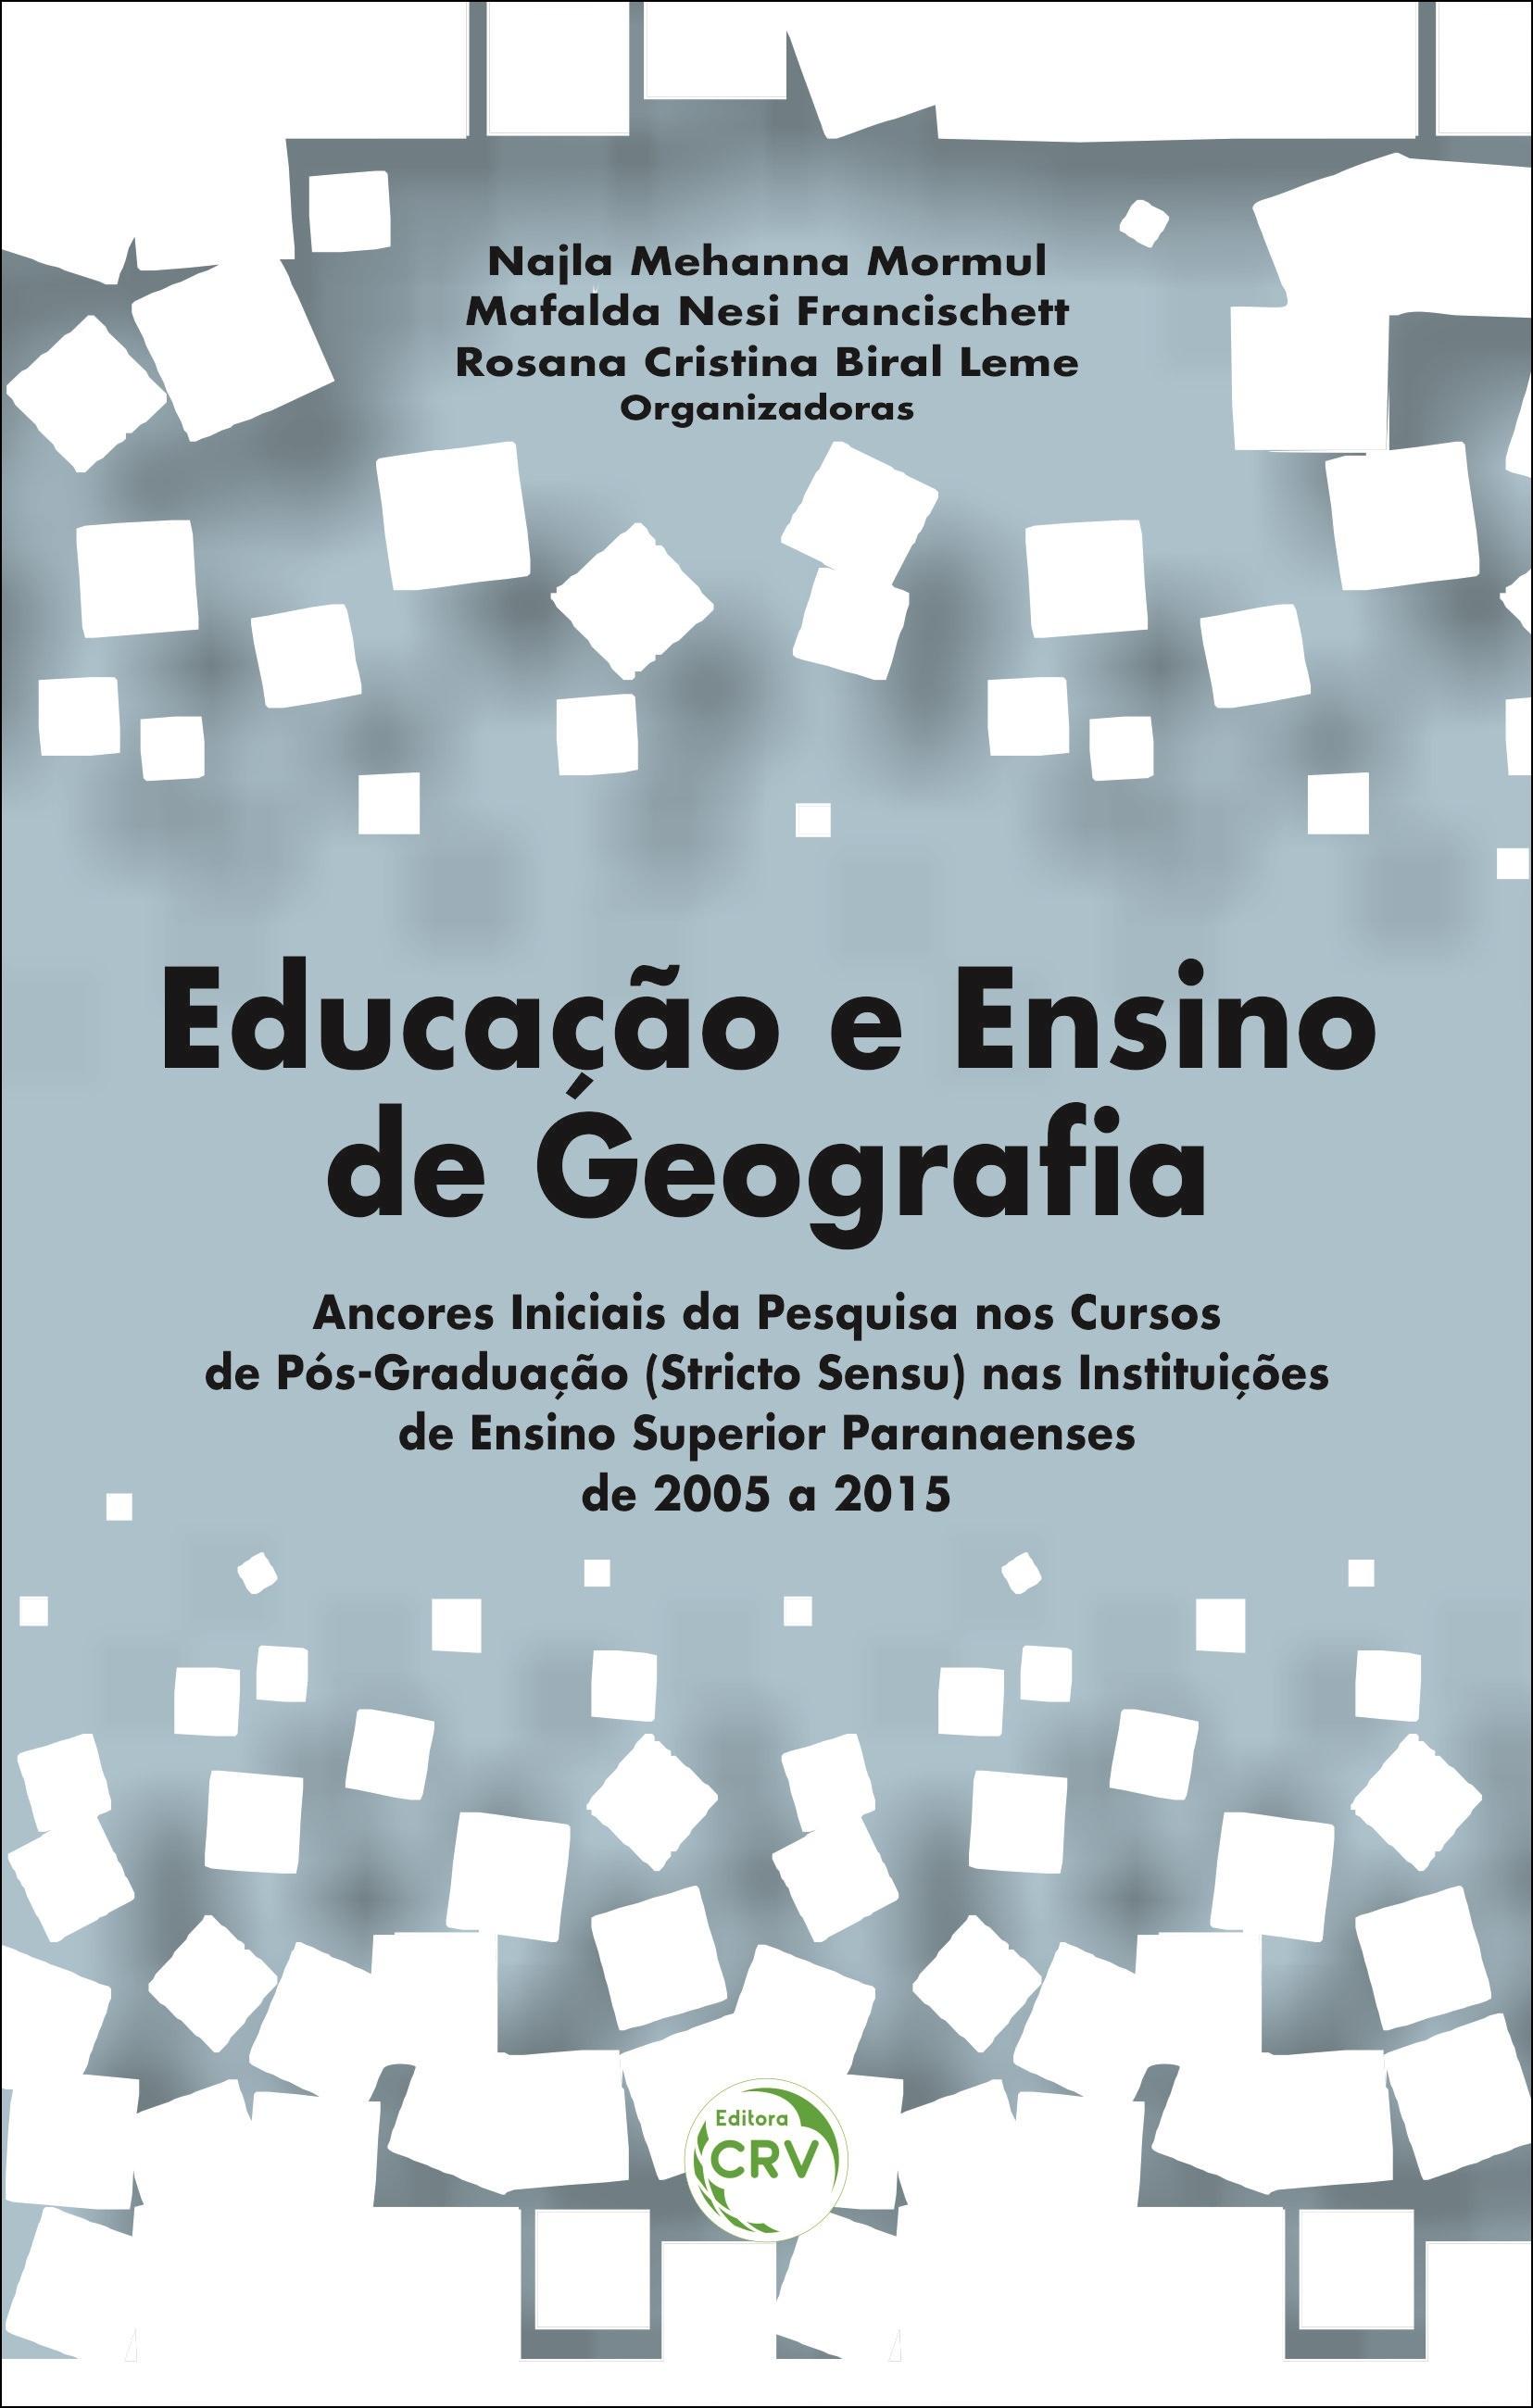 Capa do livro: EDUCAÇÃO E ENSINO DE GEOGRAFIA: <br> ancores iniciais da pesquisa nos cursos de pós-graduação (stricto sensu) nas instituições de ensino superior paranaenses de 2005 a 2015